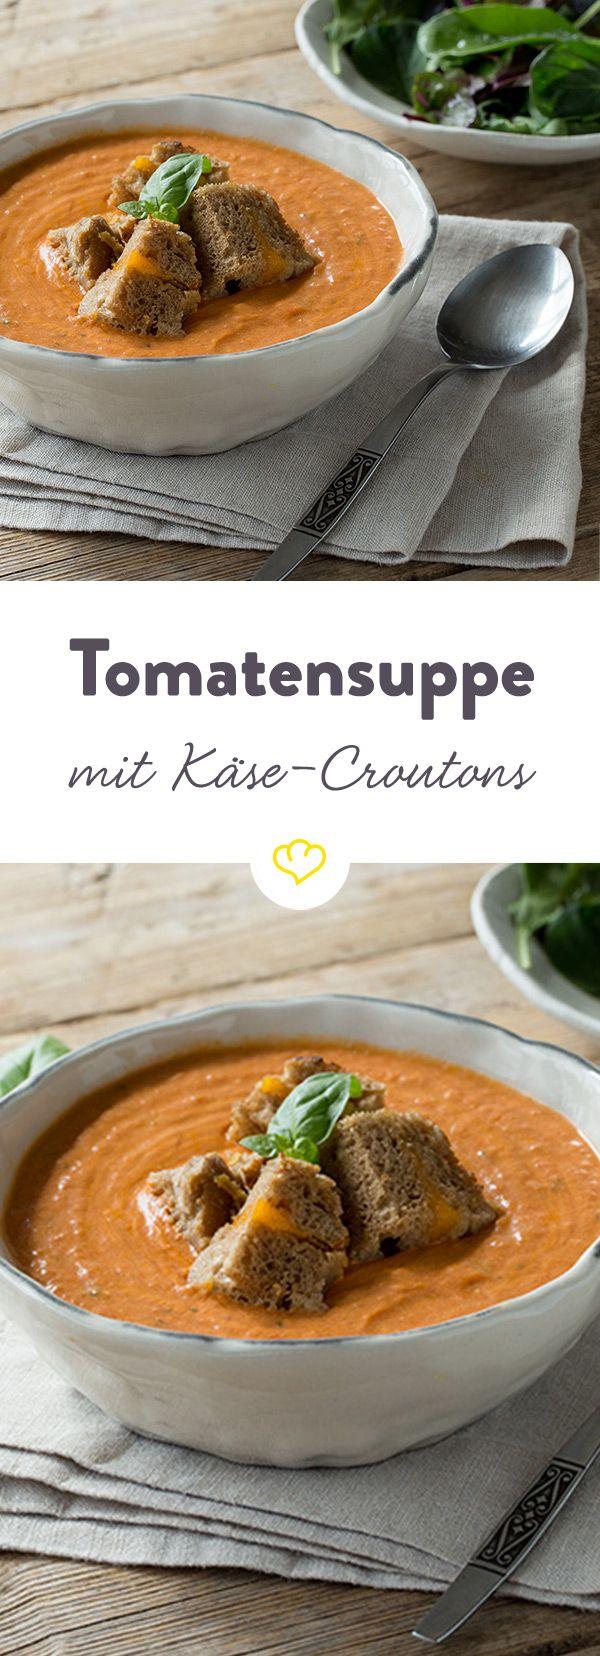 Ein Klassiker, den man zu jeder Jahreszeit gerne löffelt. Für eine knusprige Suppeneinlage sorgen selbstgemachte Käse-Croûtons mit würzigem Cheddar.